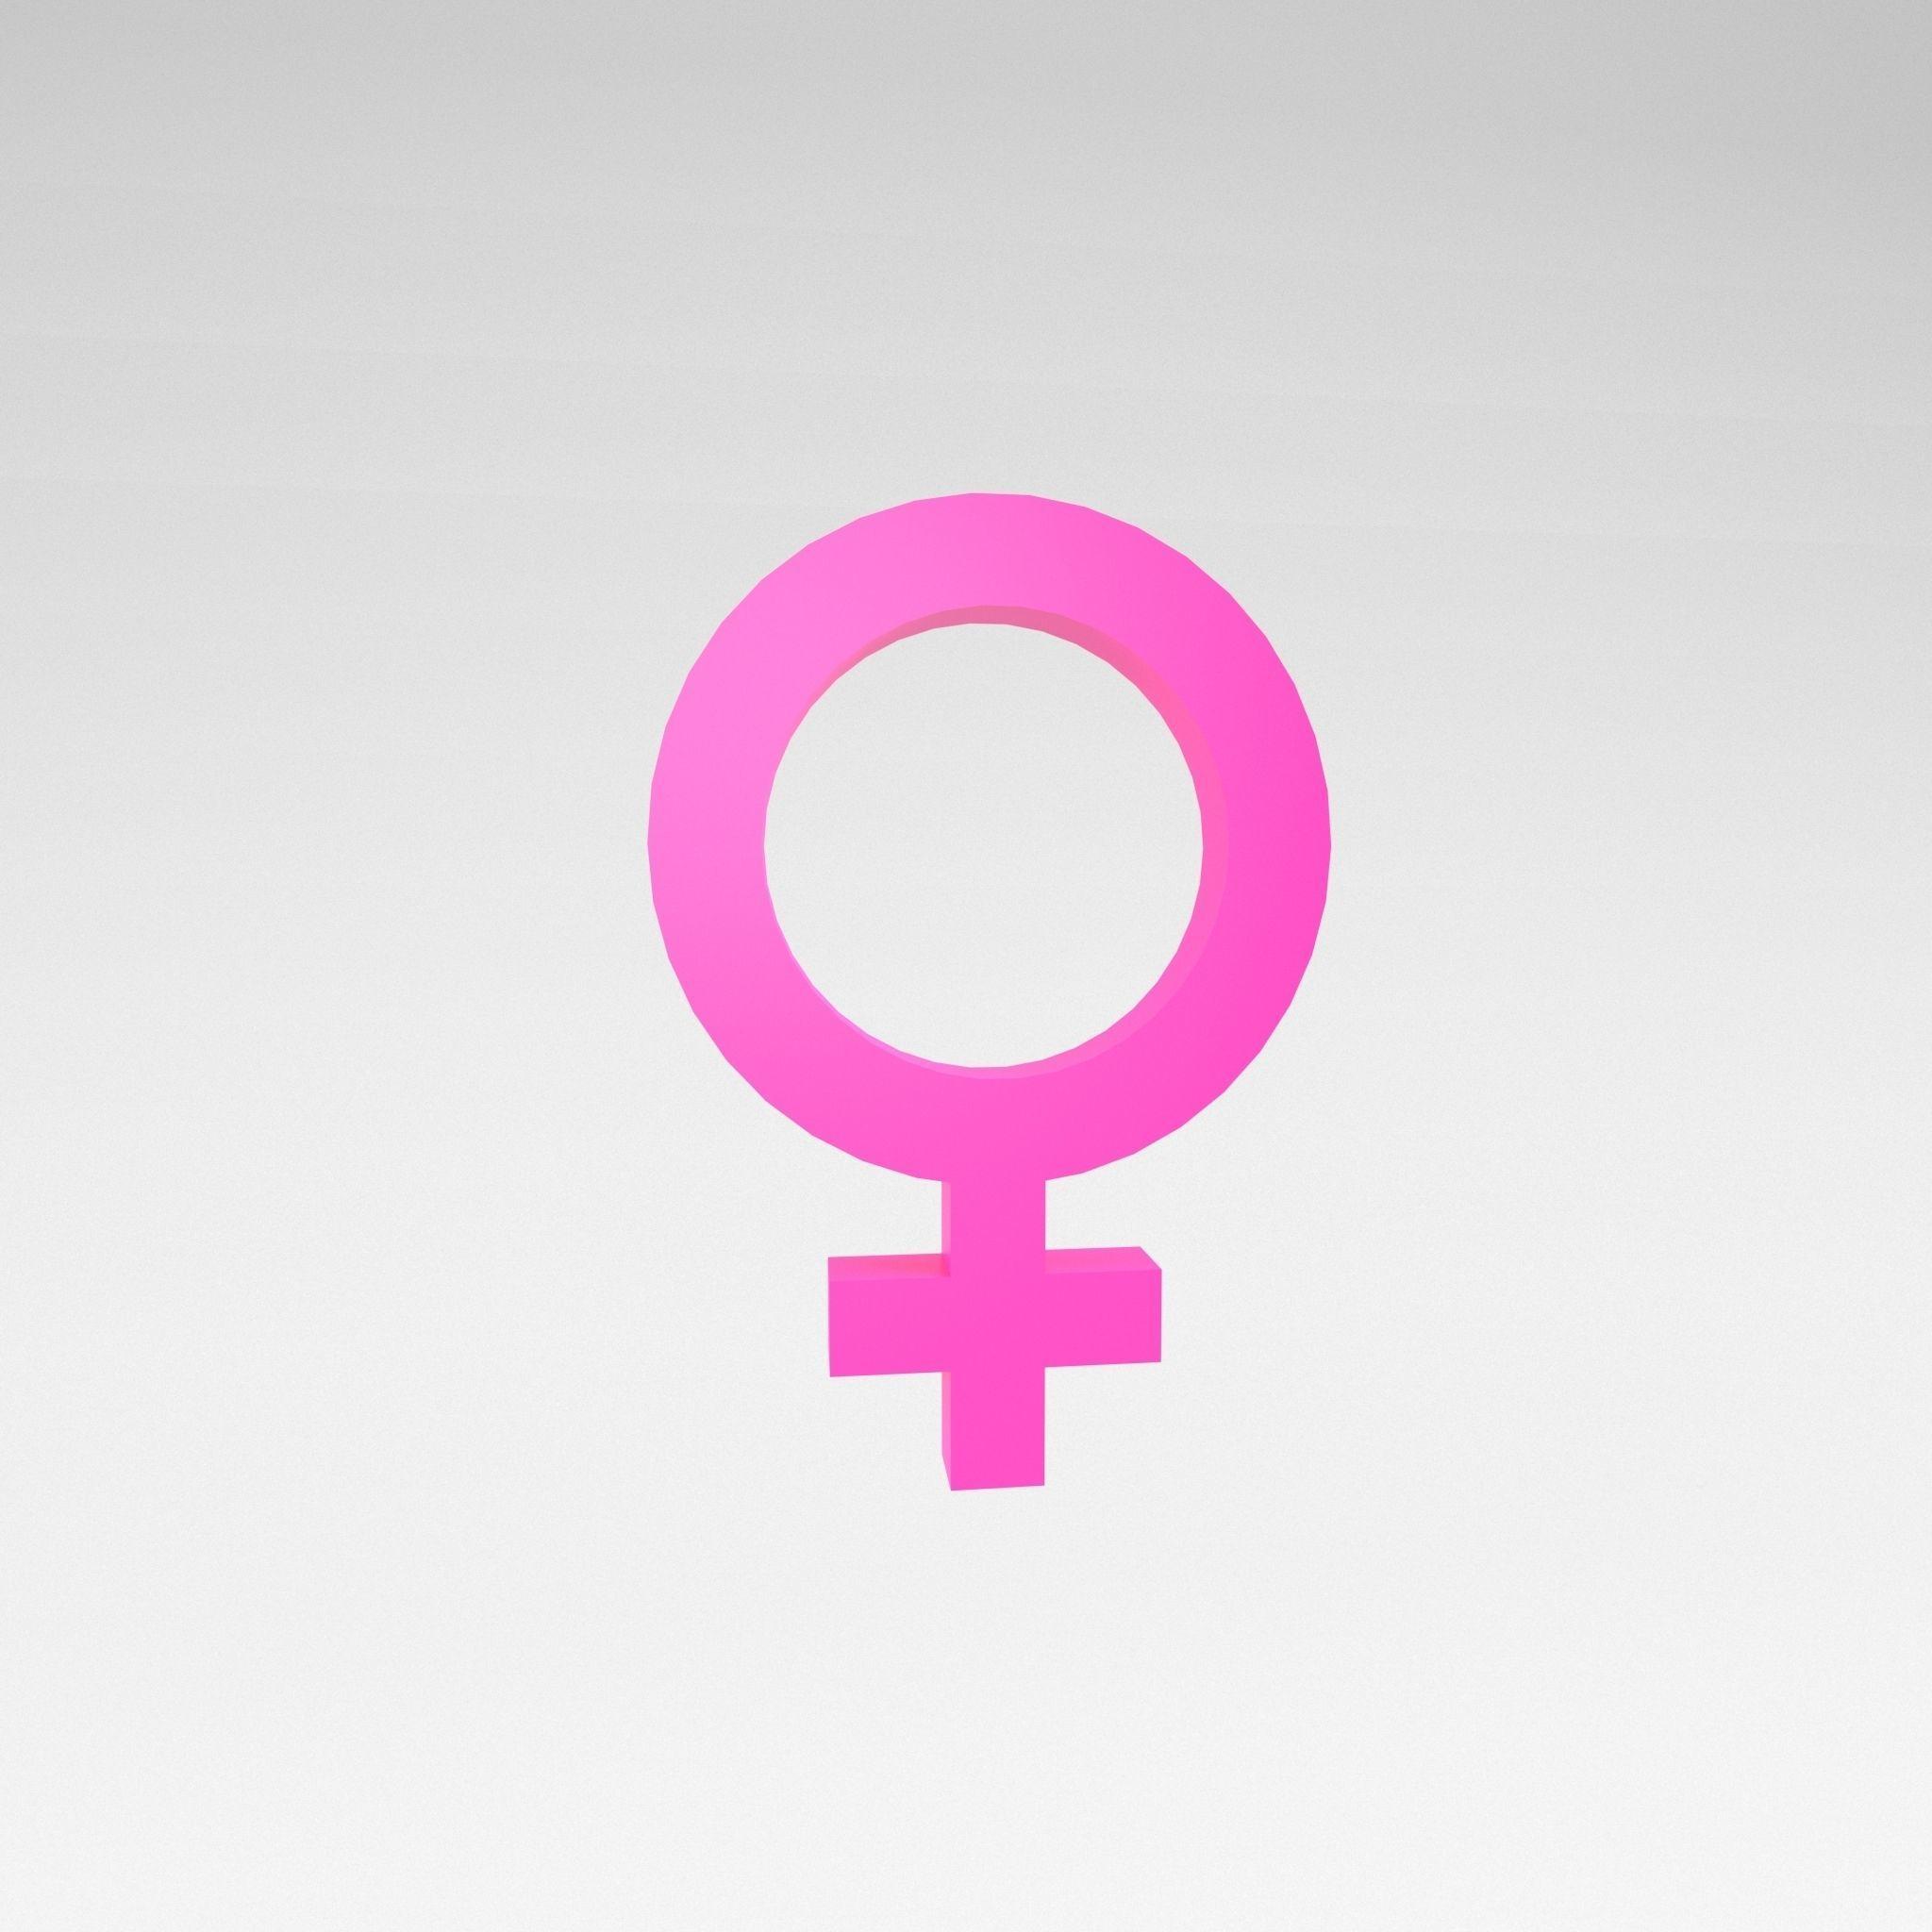 Gender Symbol v1 002